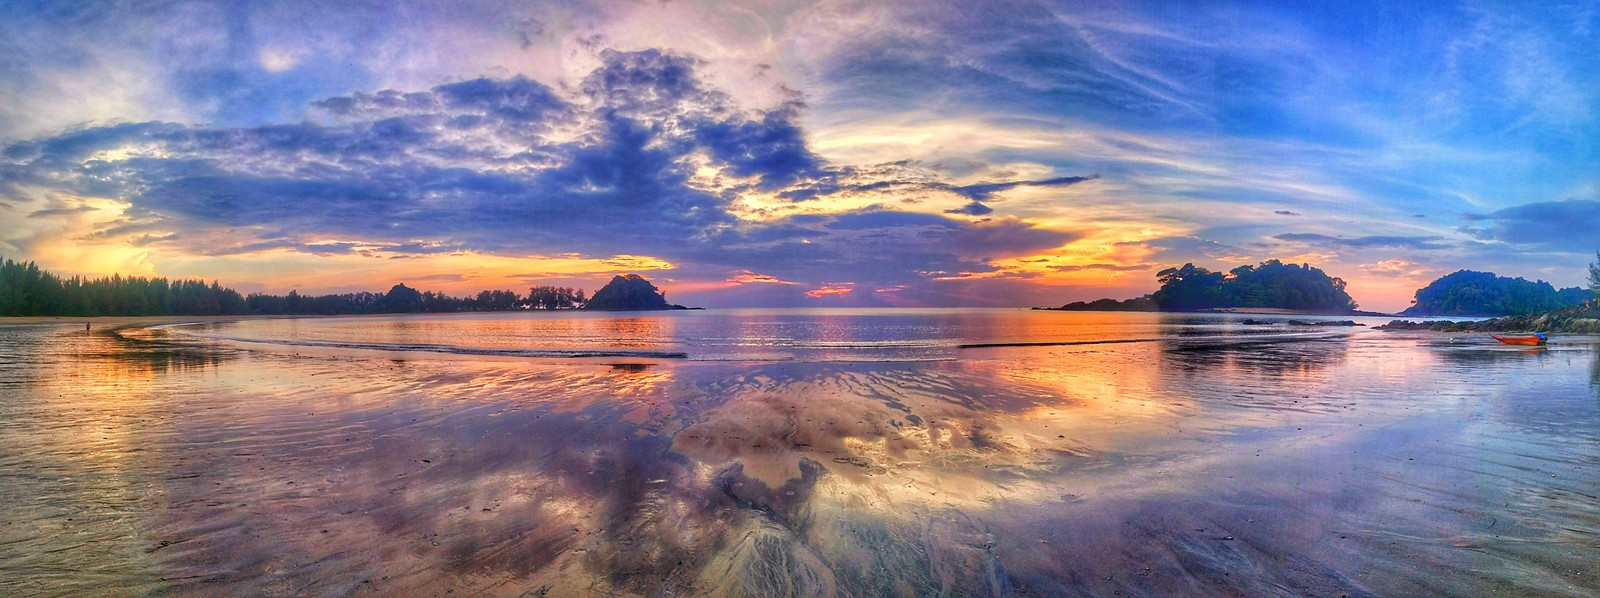 Remote Sunset // Koh Pra Thong